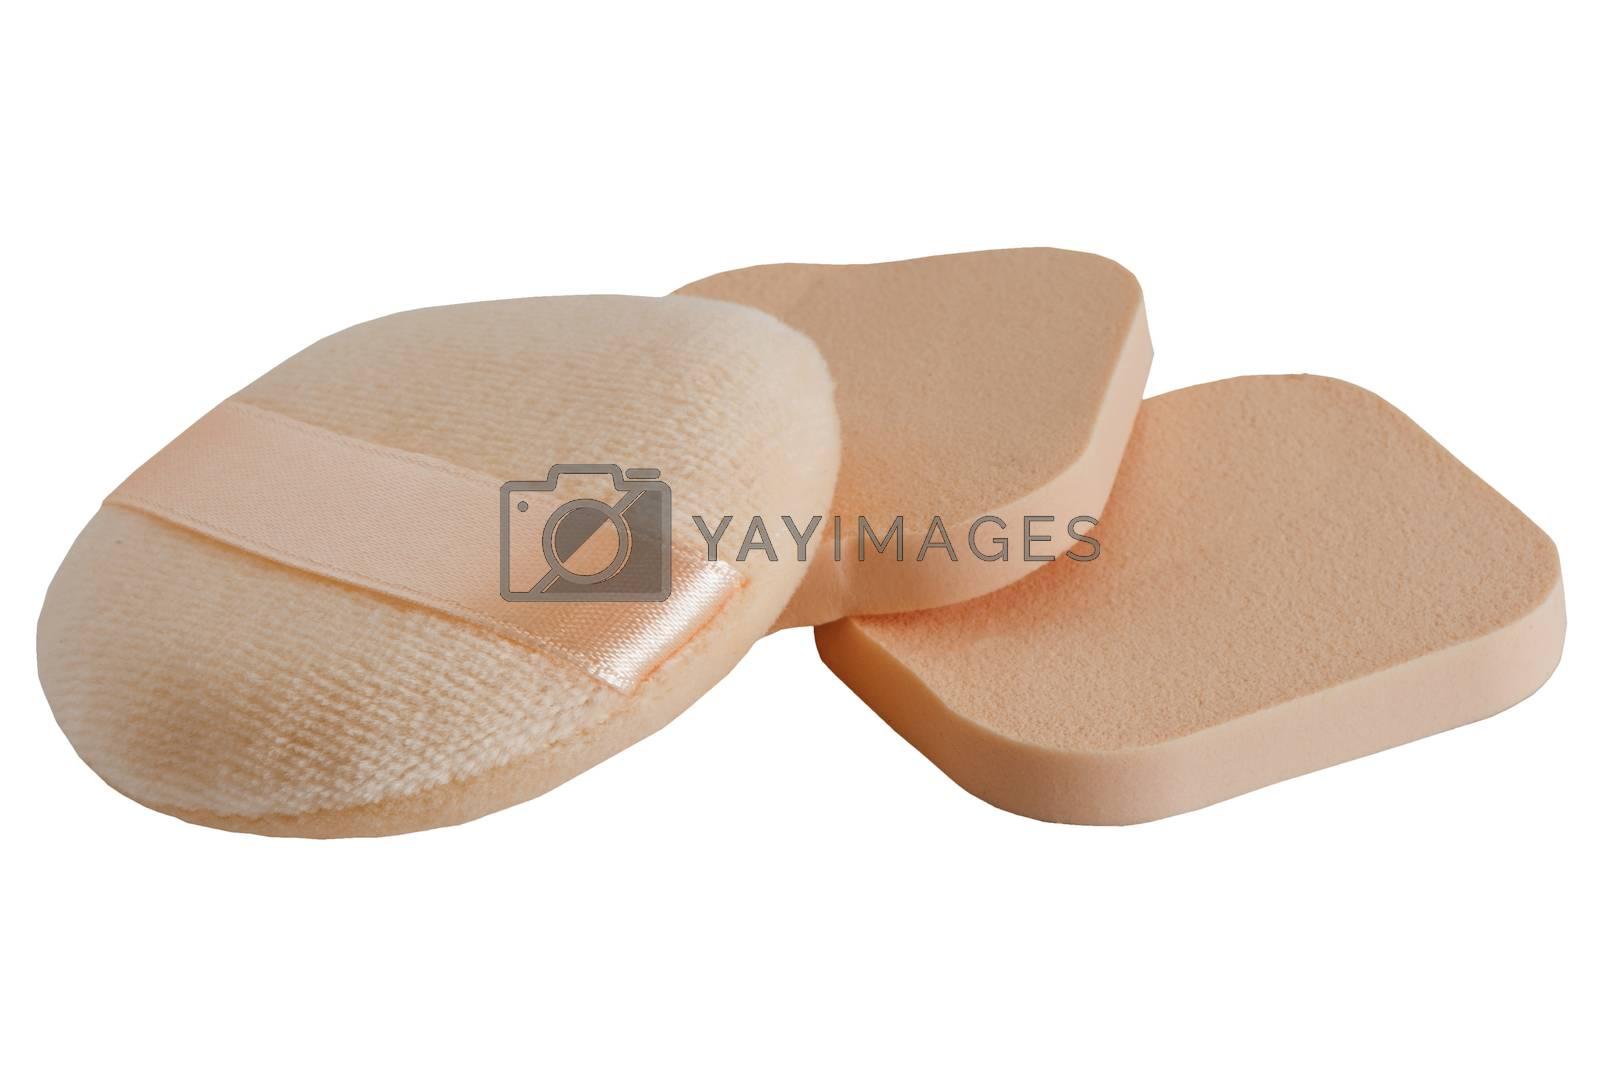 a three sponges for a facial care